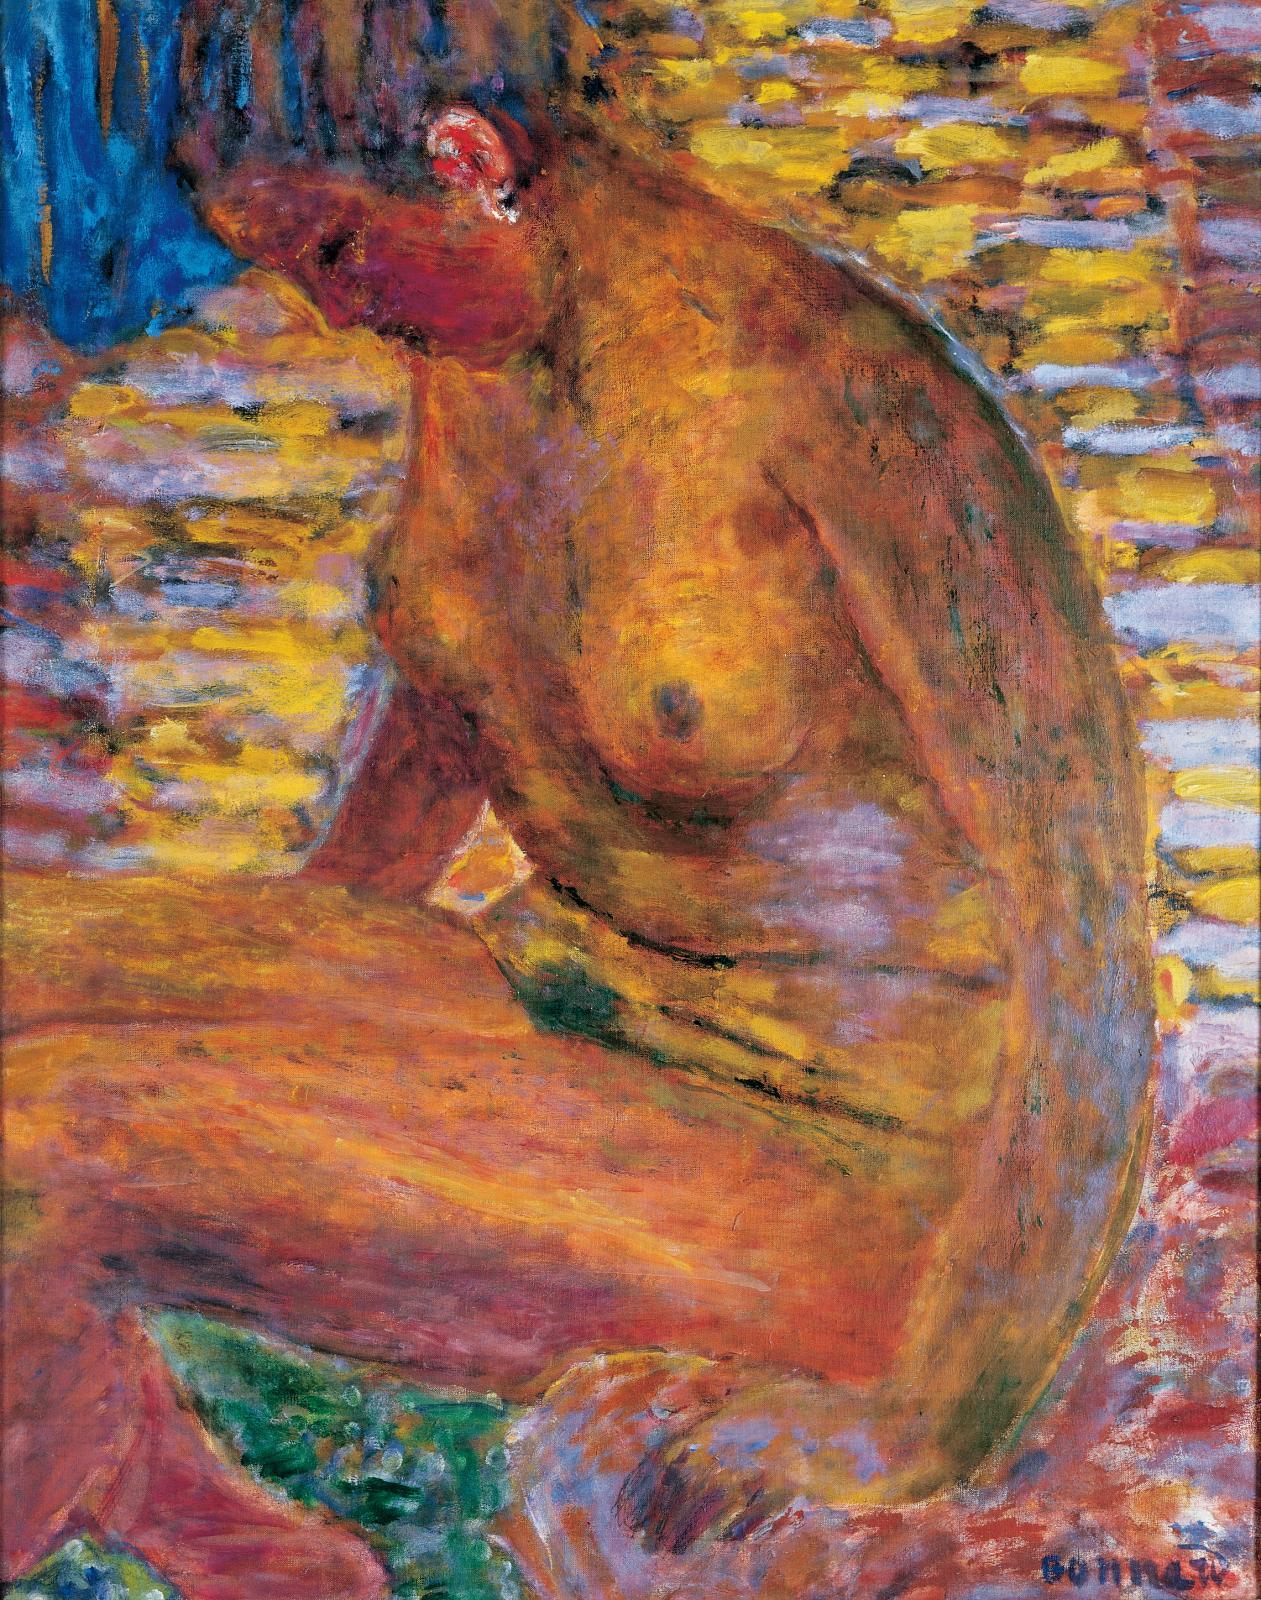 Pierre Bonnard(1867-1947), Nu sombre, 1941-1946, huile sur toile, 69x63cm.